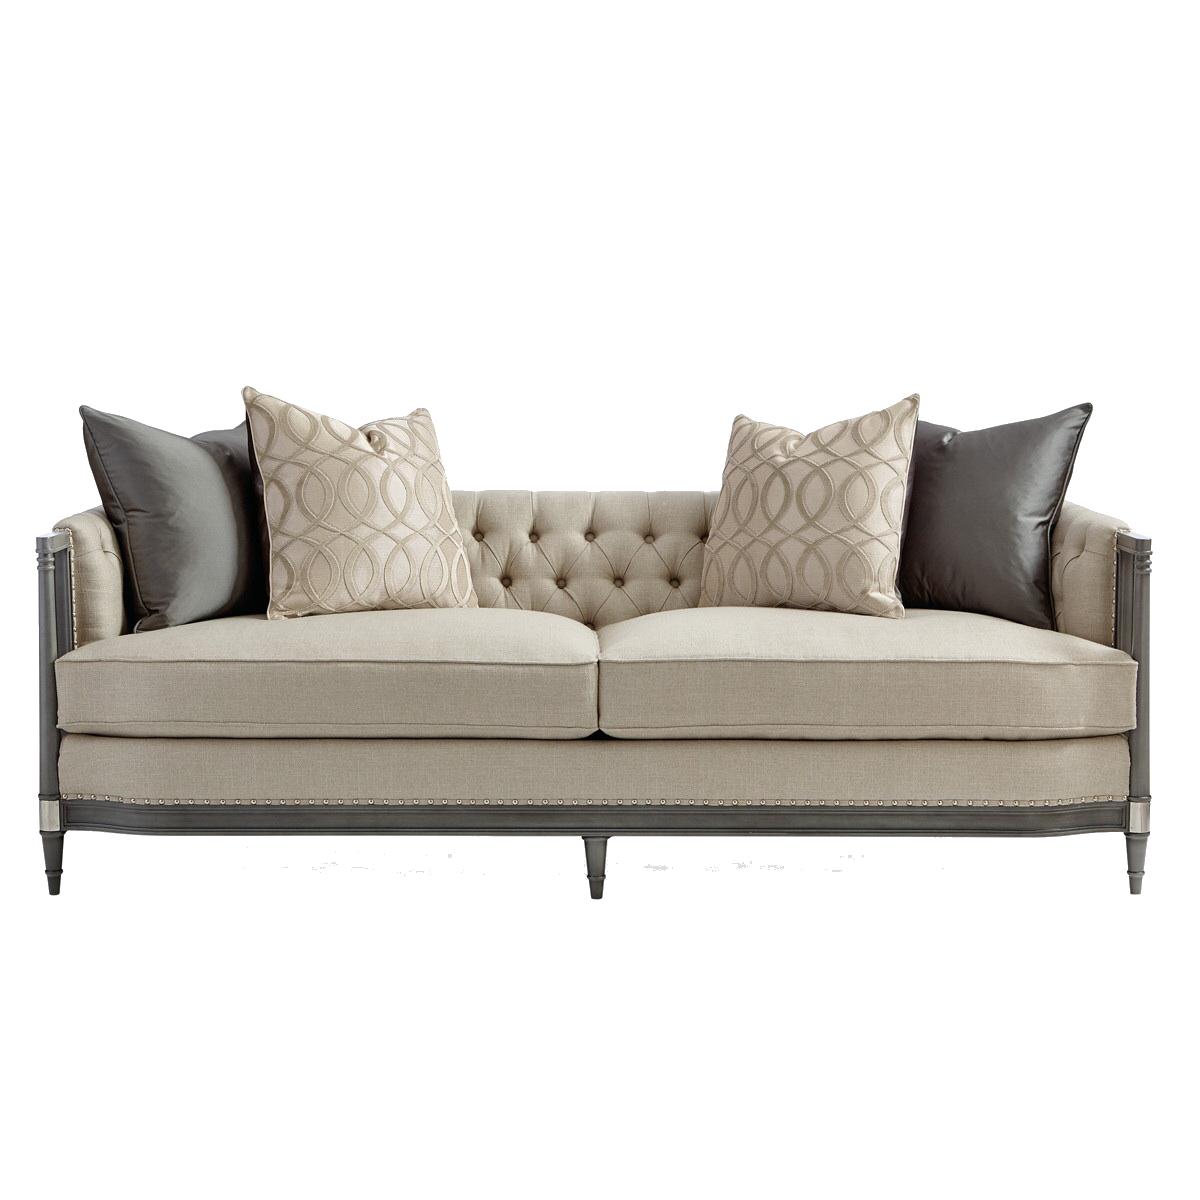 Free Png Downloads Konfest Sofa Furniture Bed Furniture